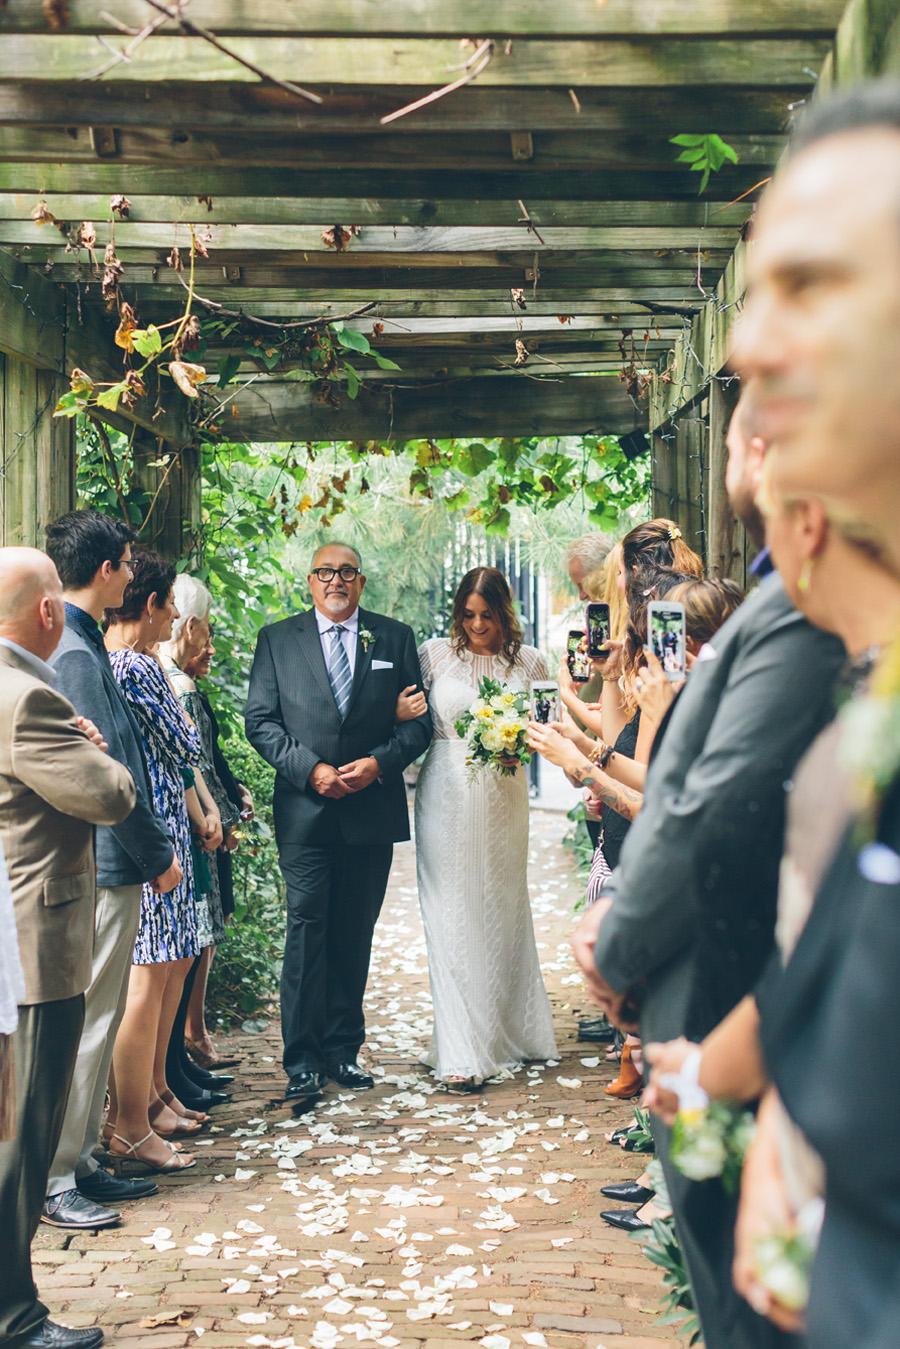 ROSE-BENNETT-NYC-WEDDING-BROOKLYN-CEREMONY-CYNTHIACHUNG-0126.jpg